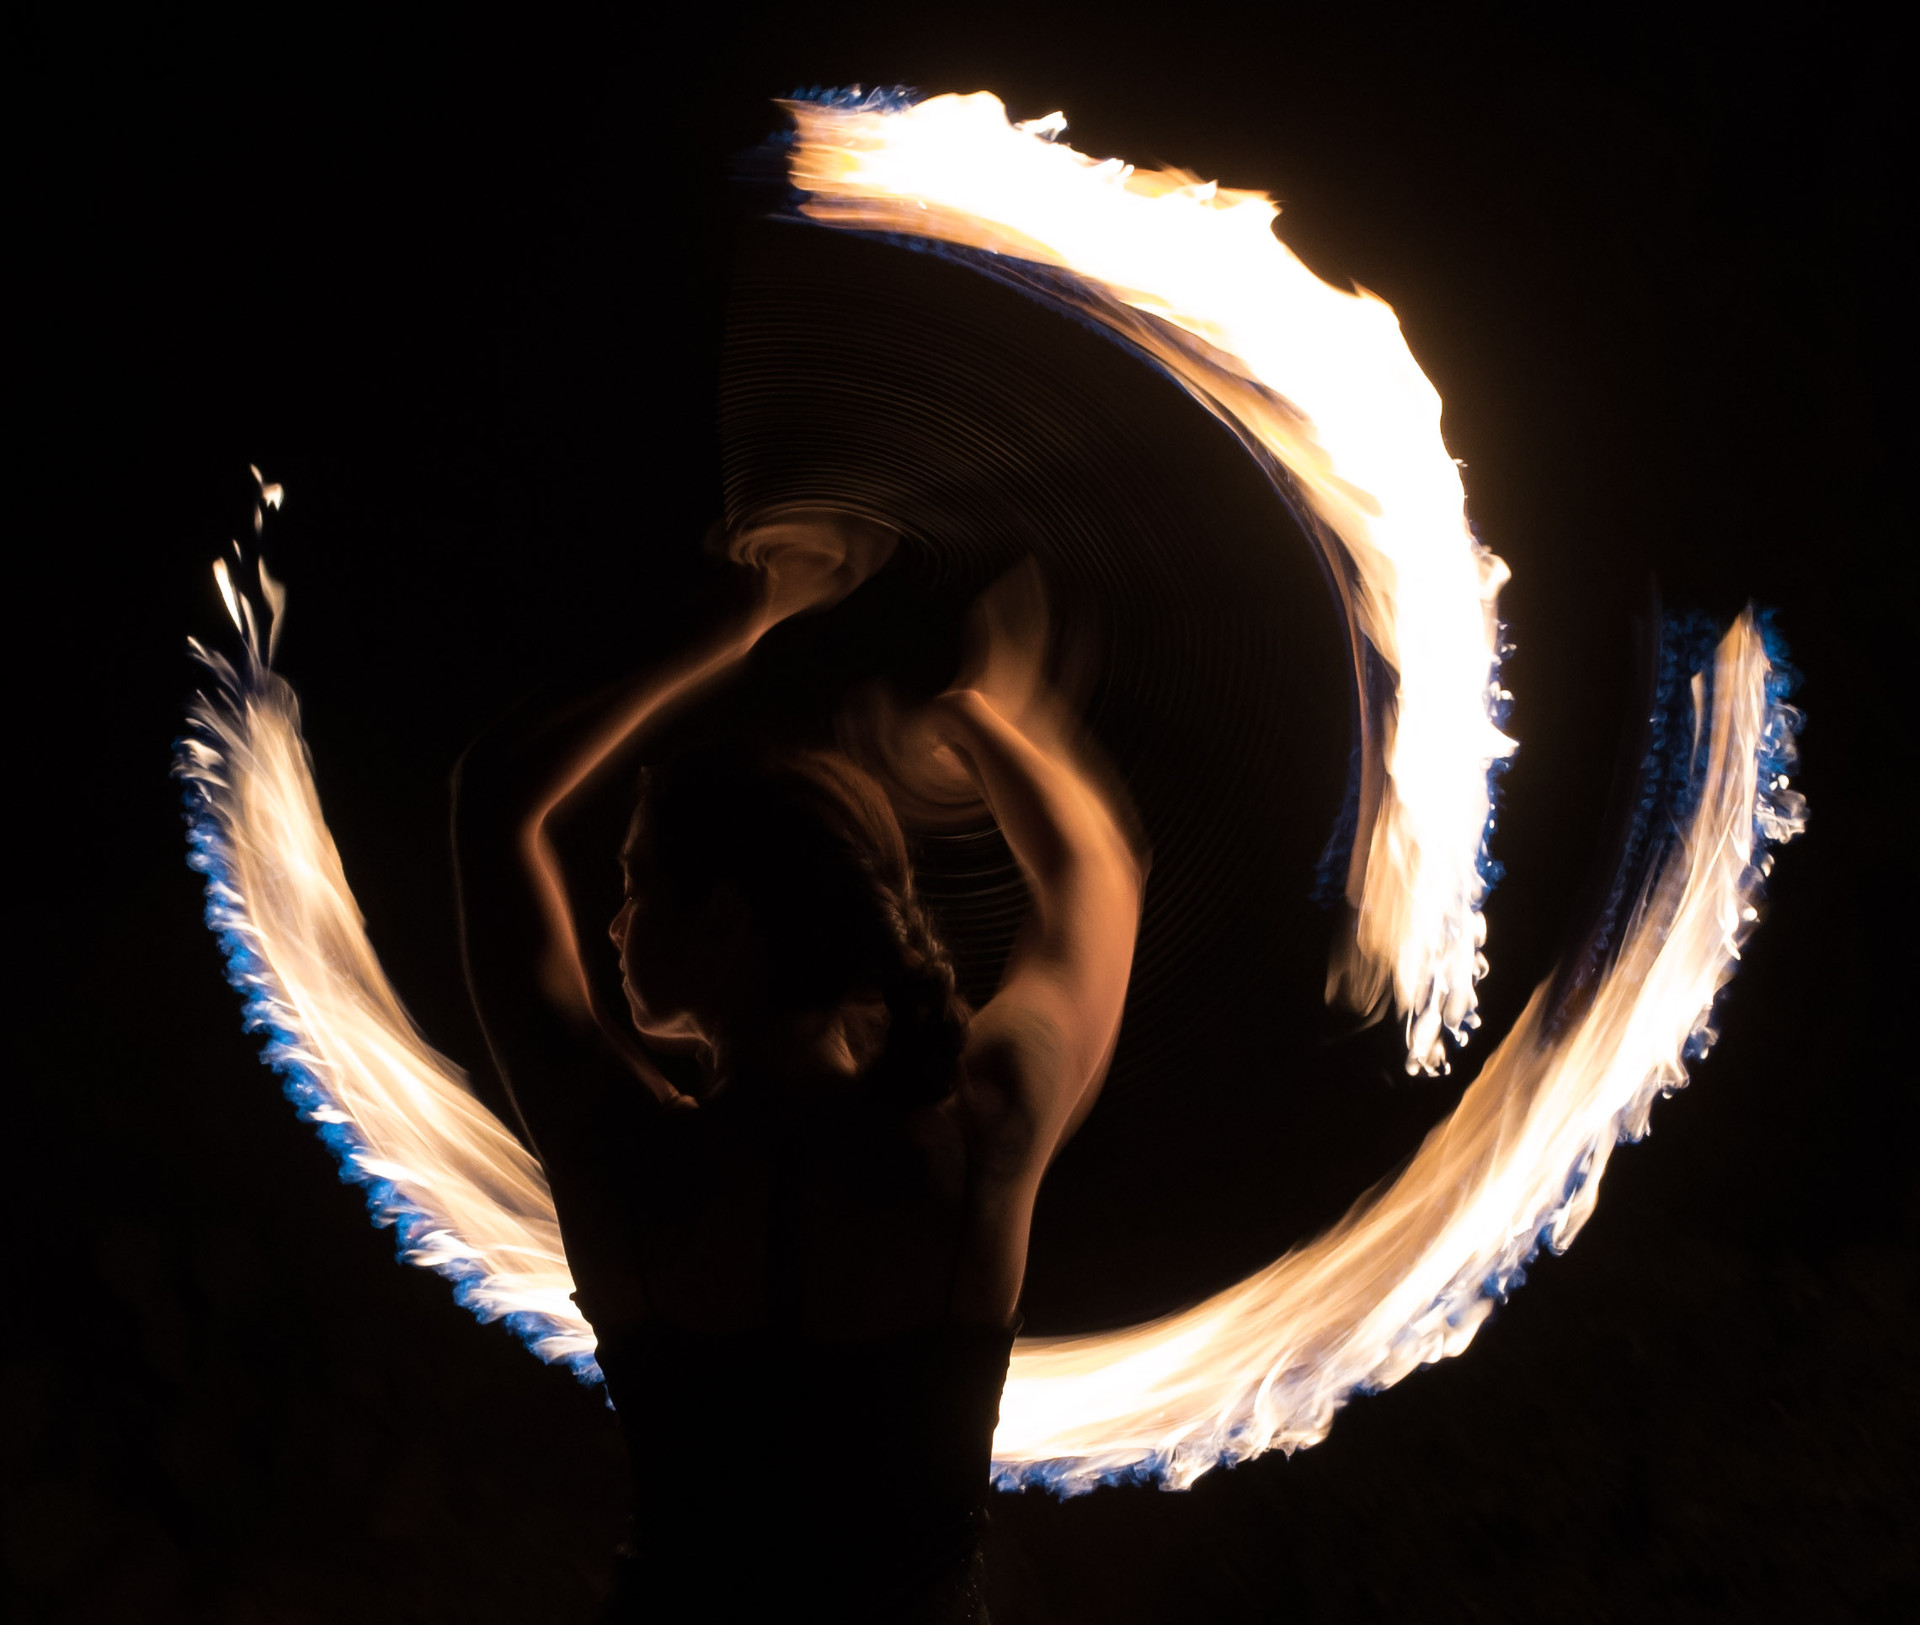 Zenn Burden twirling fire in Tucson, AZ.